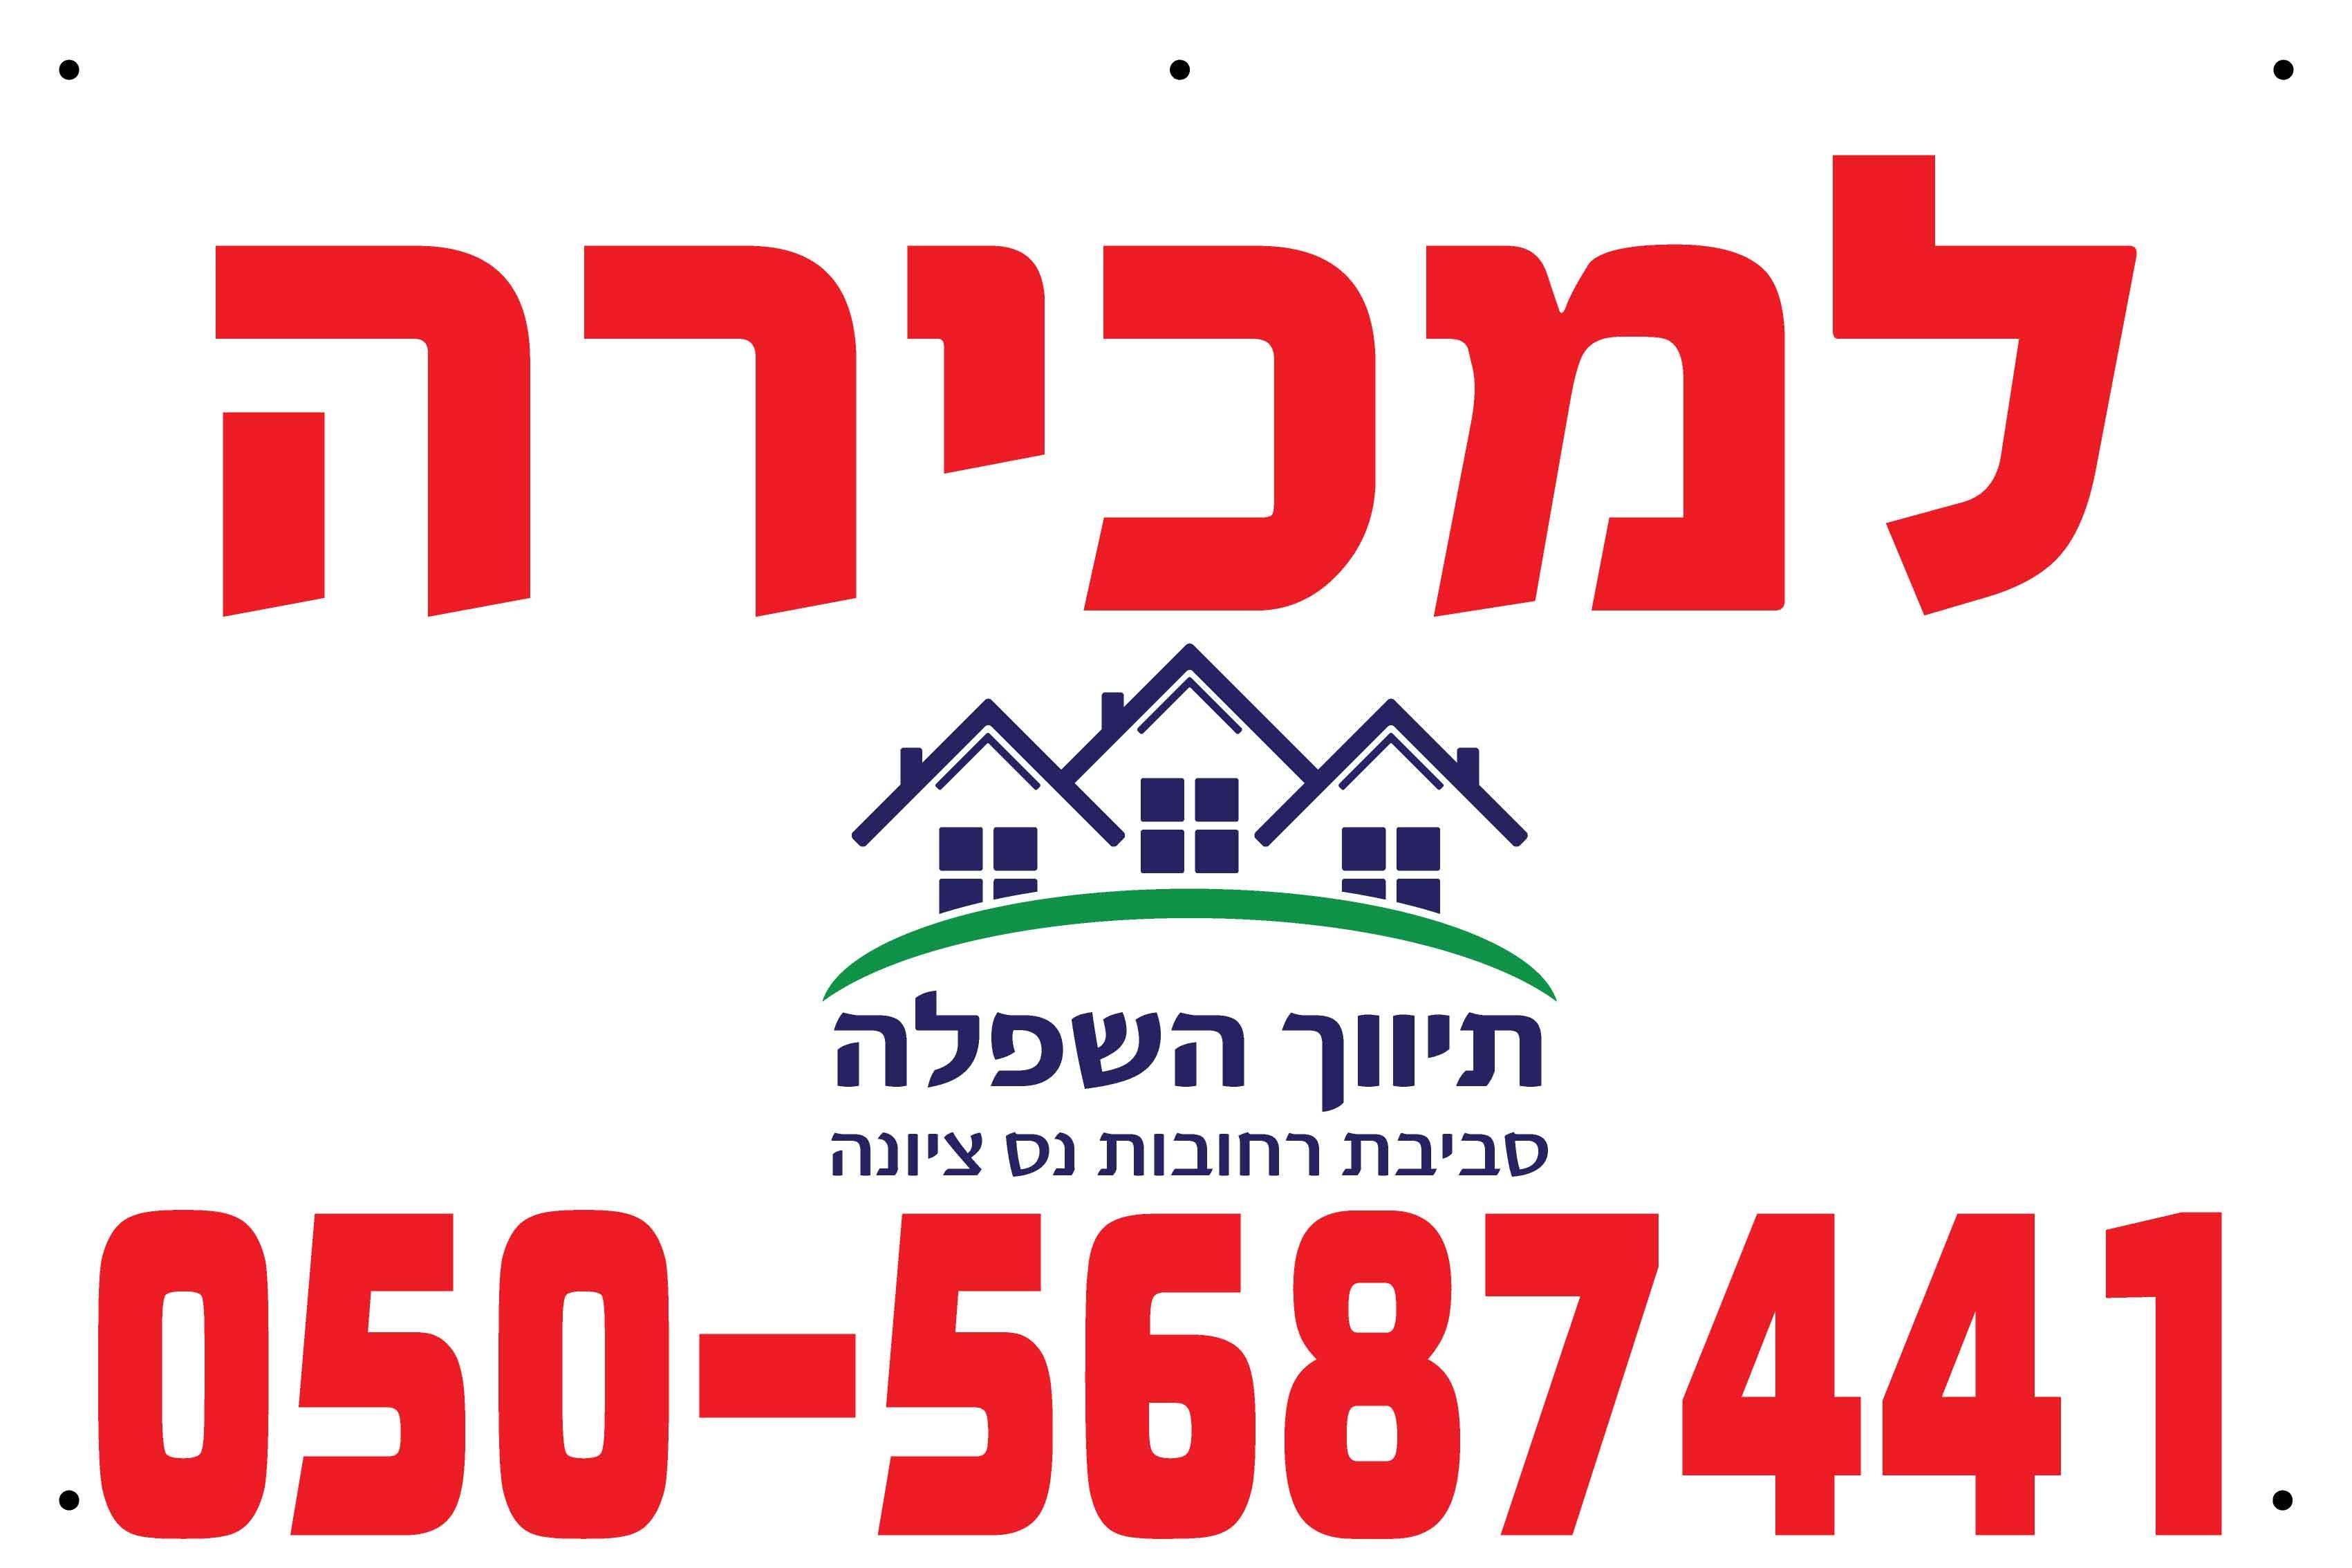 שלט פוליפרופילן לבן למתווכים 10 יח' דירה למכירה 80/120  ס''מ